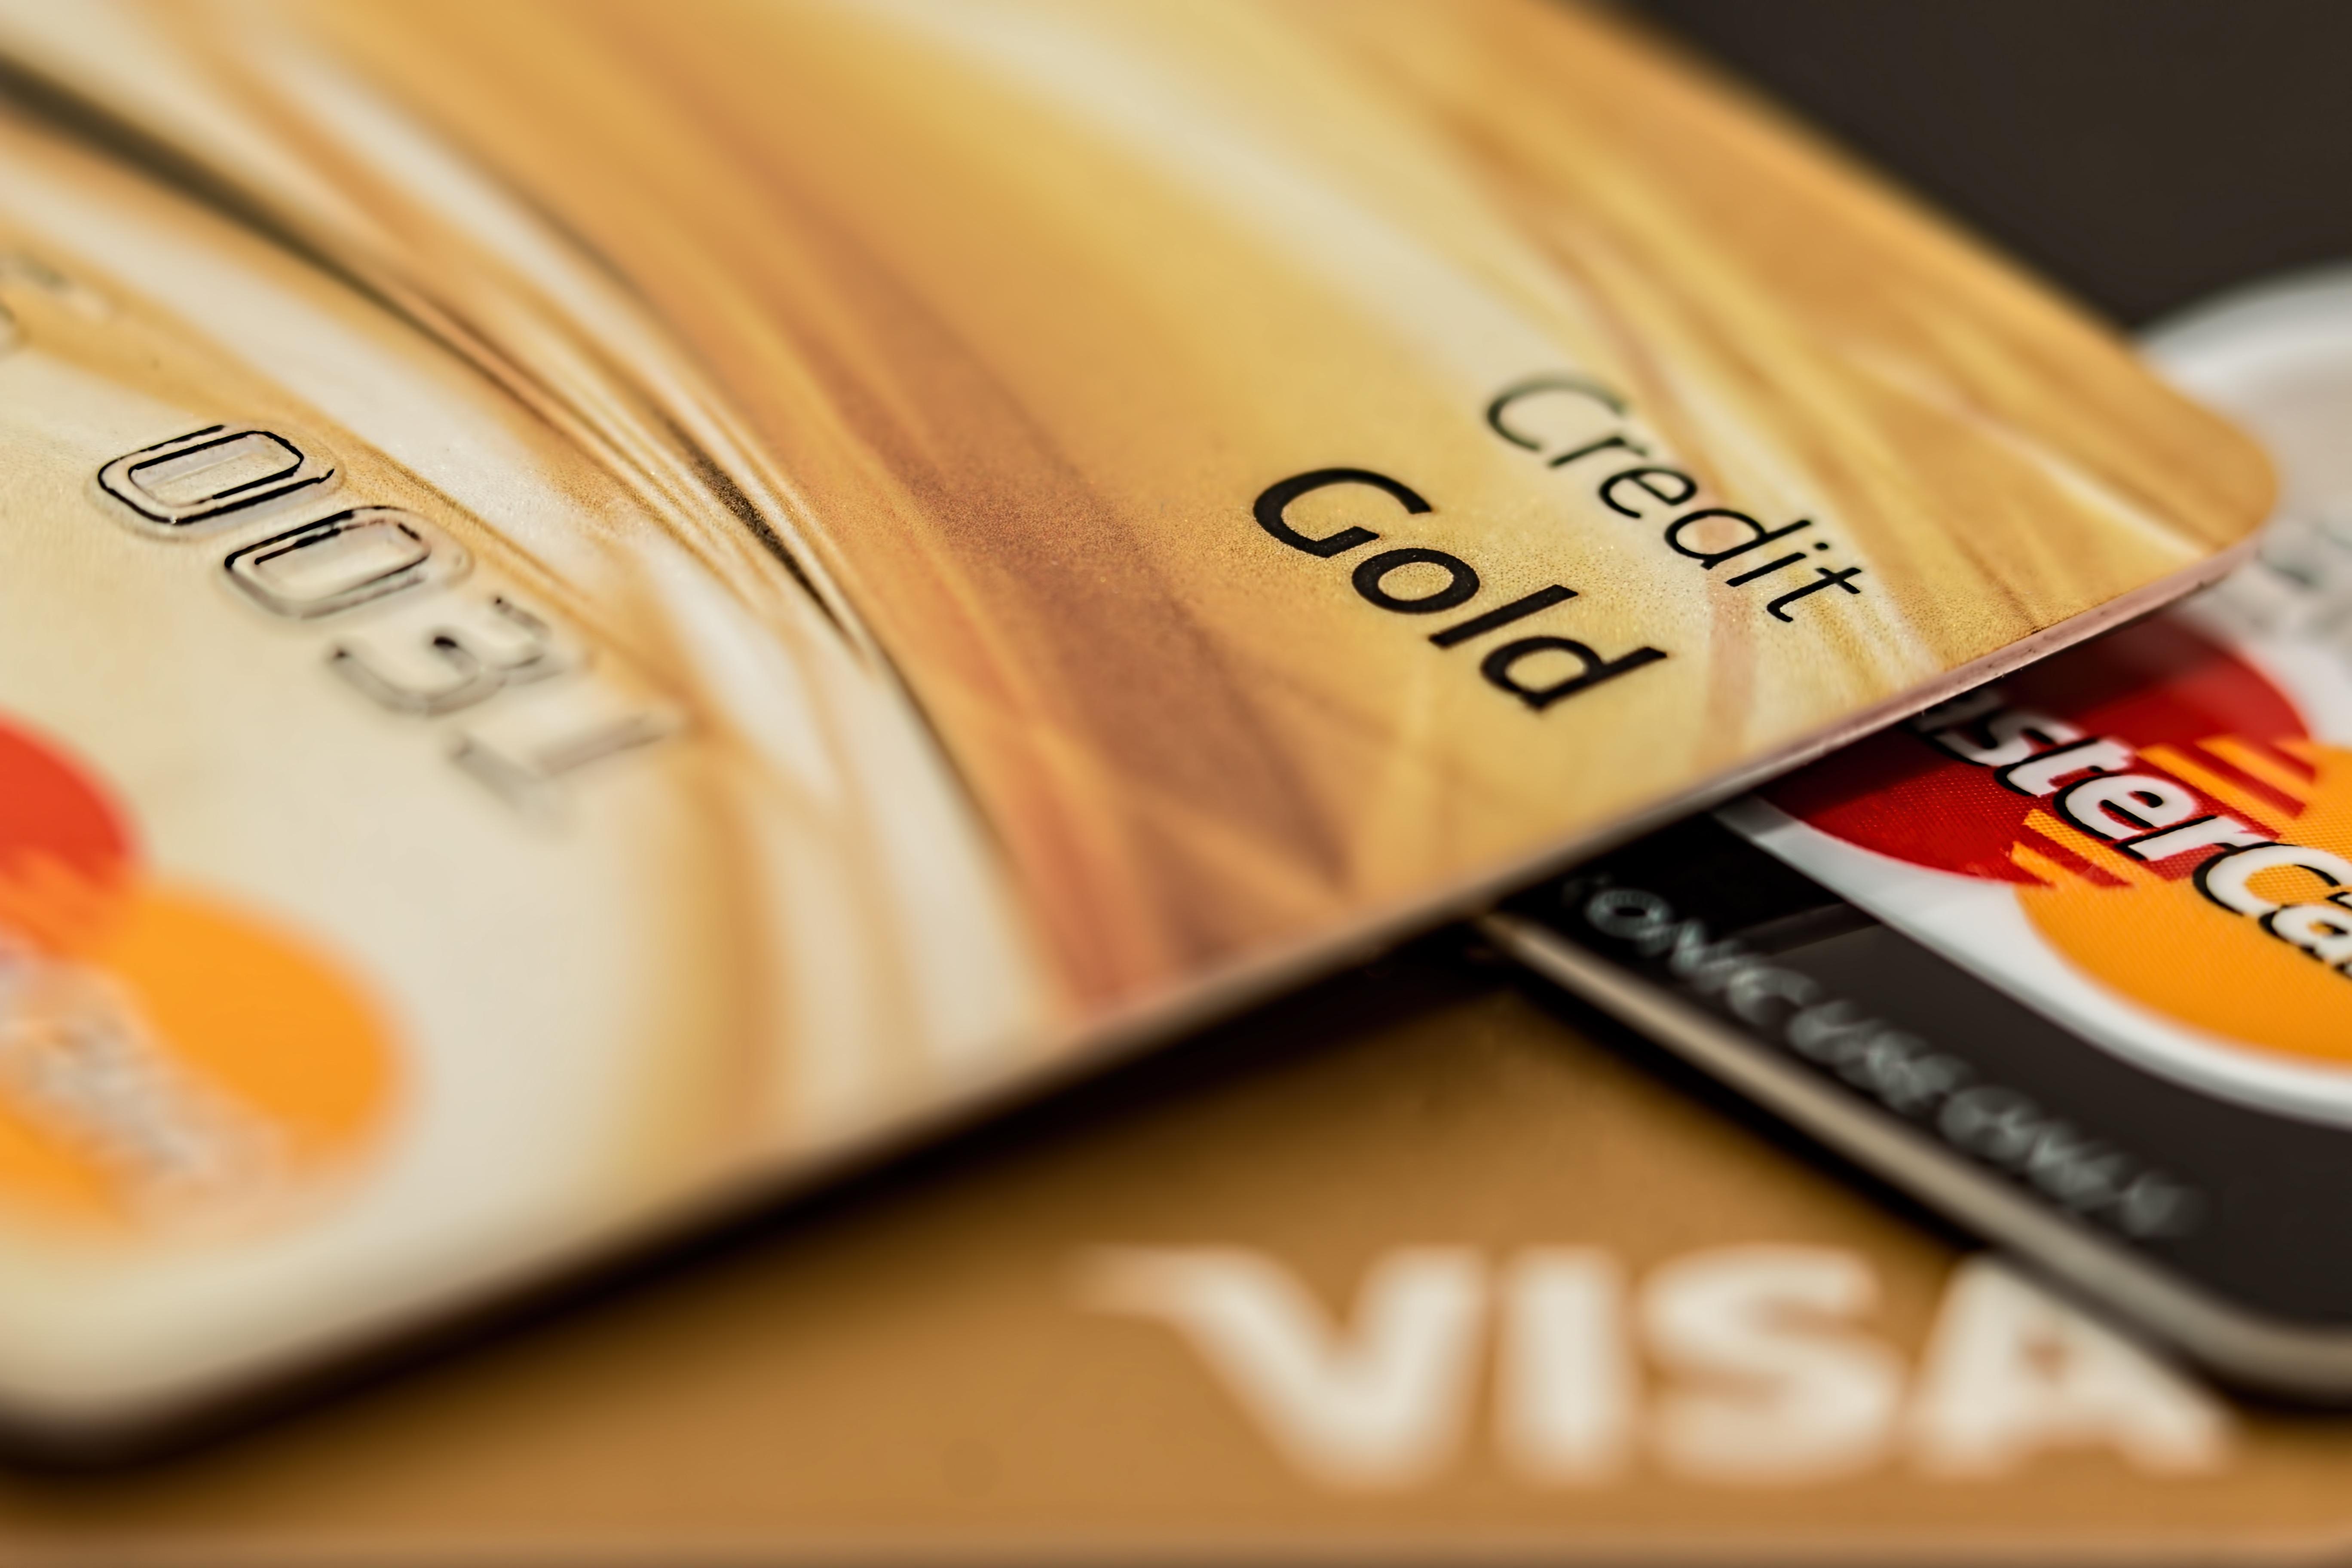 Со скольки лет можно получить банковскую карту?